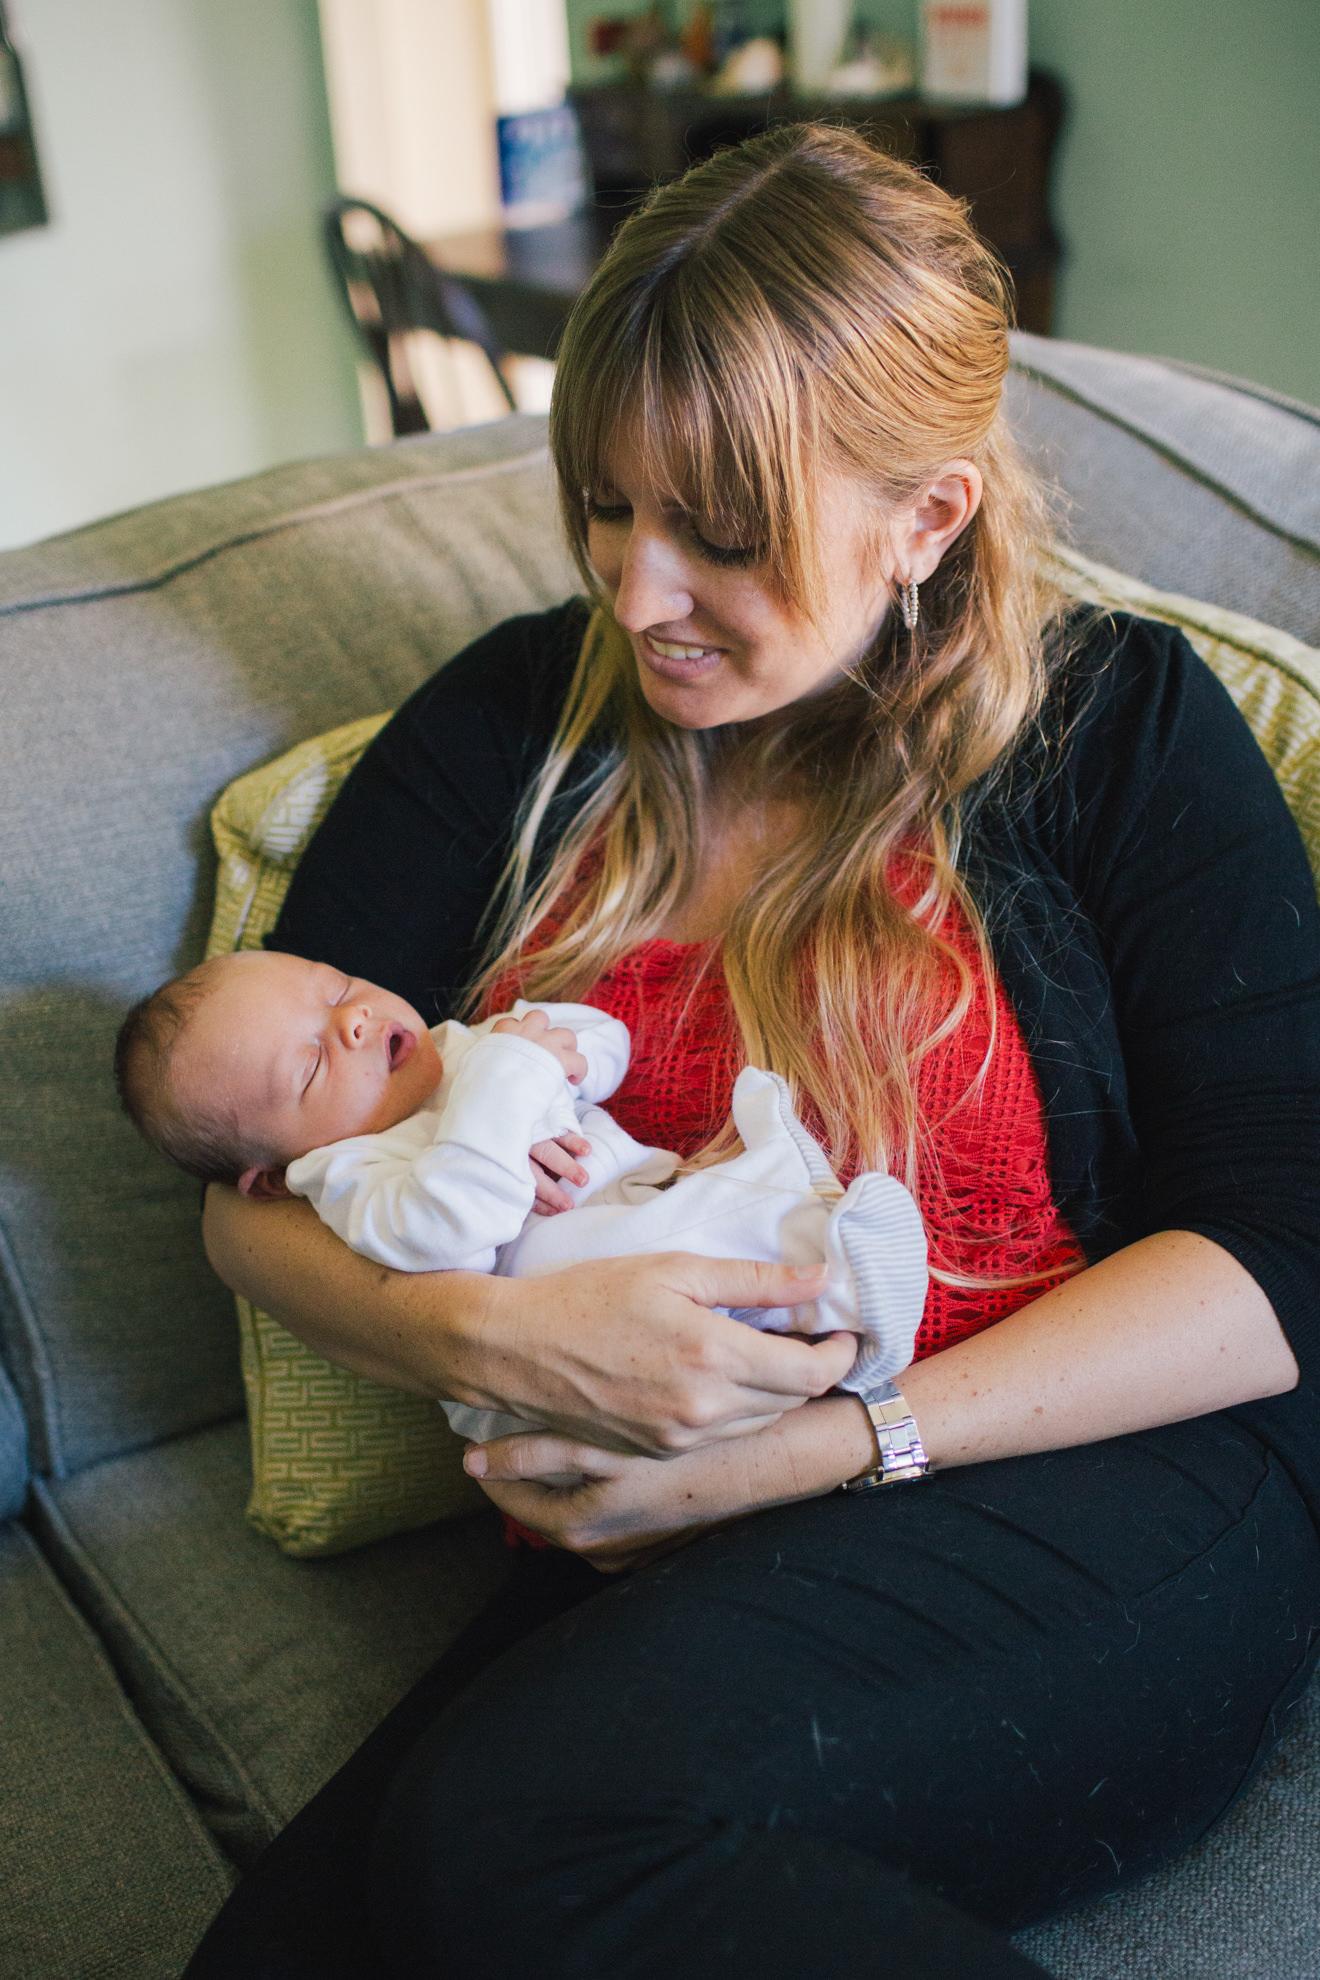 charleston-family-newborn-lifestyle-photographer-39.jpg